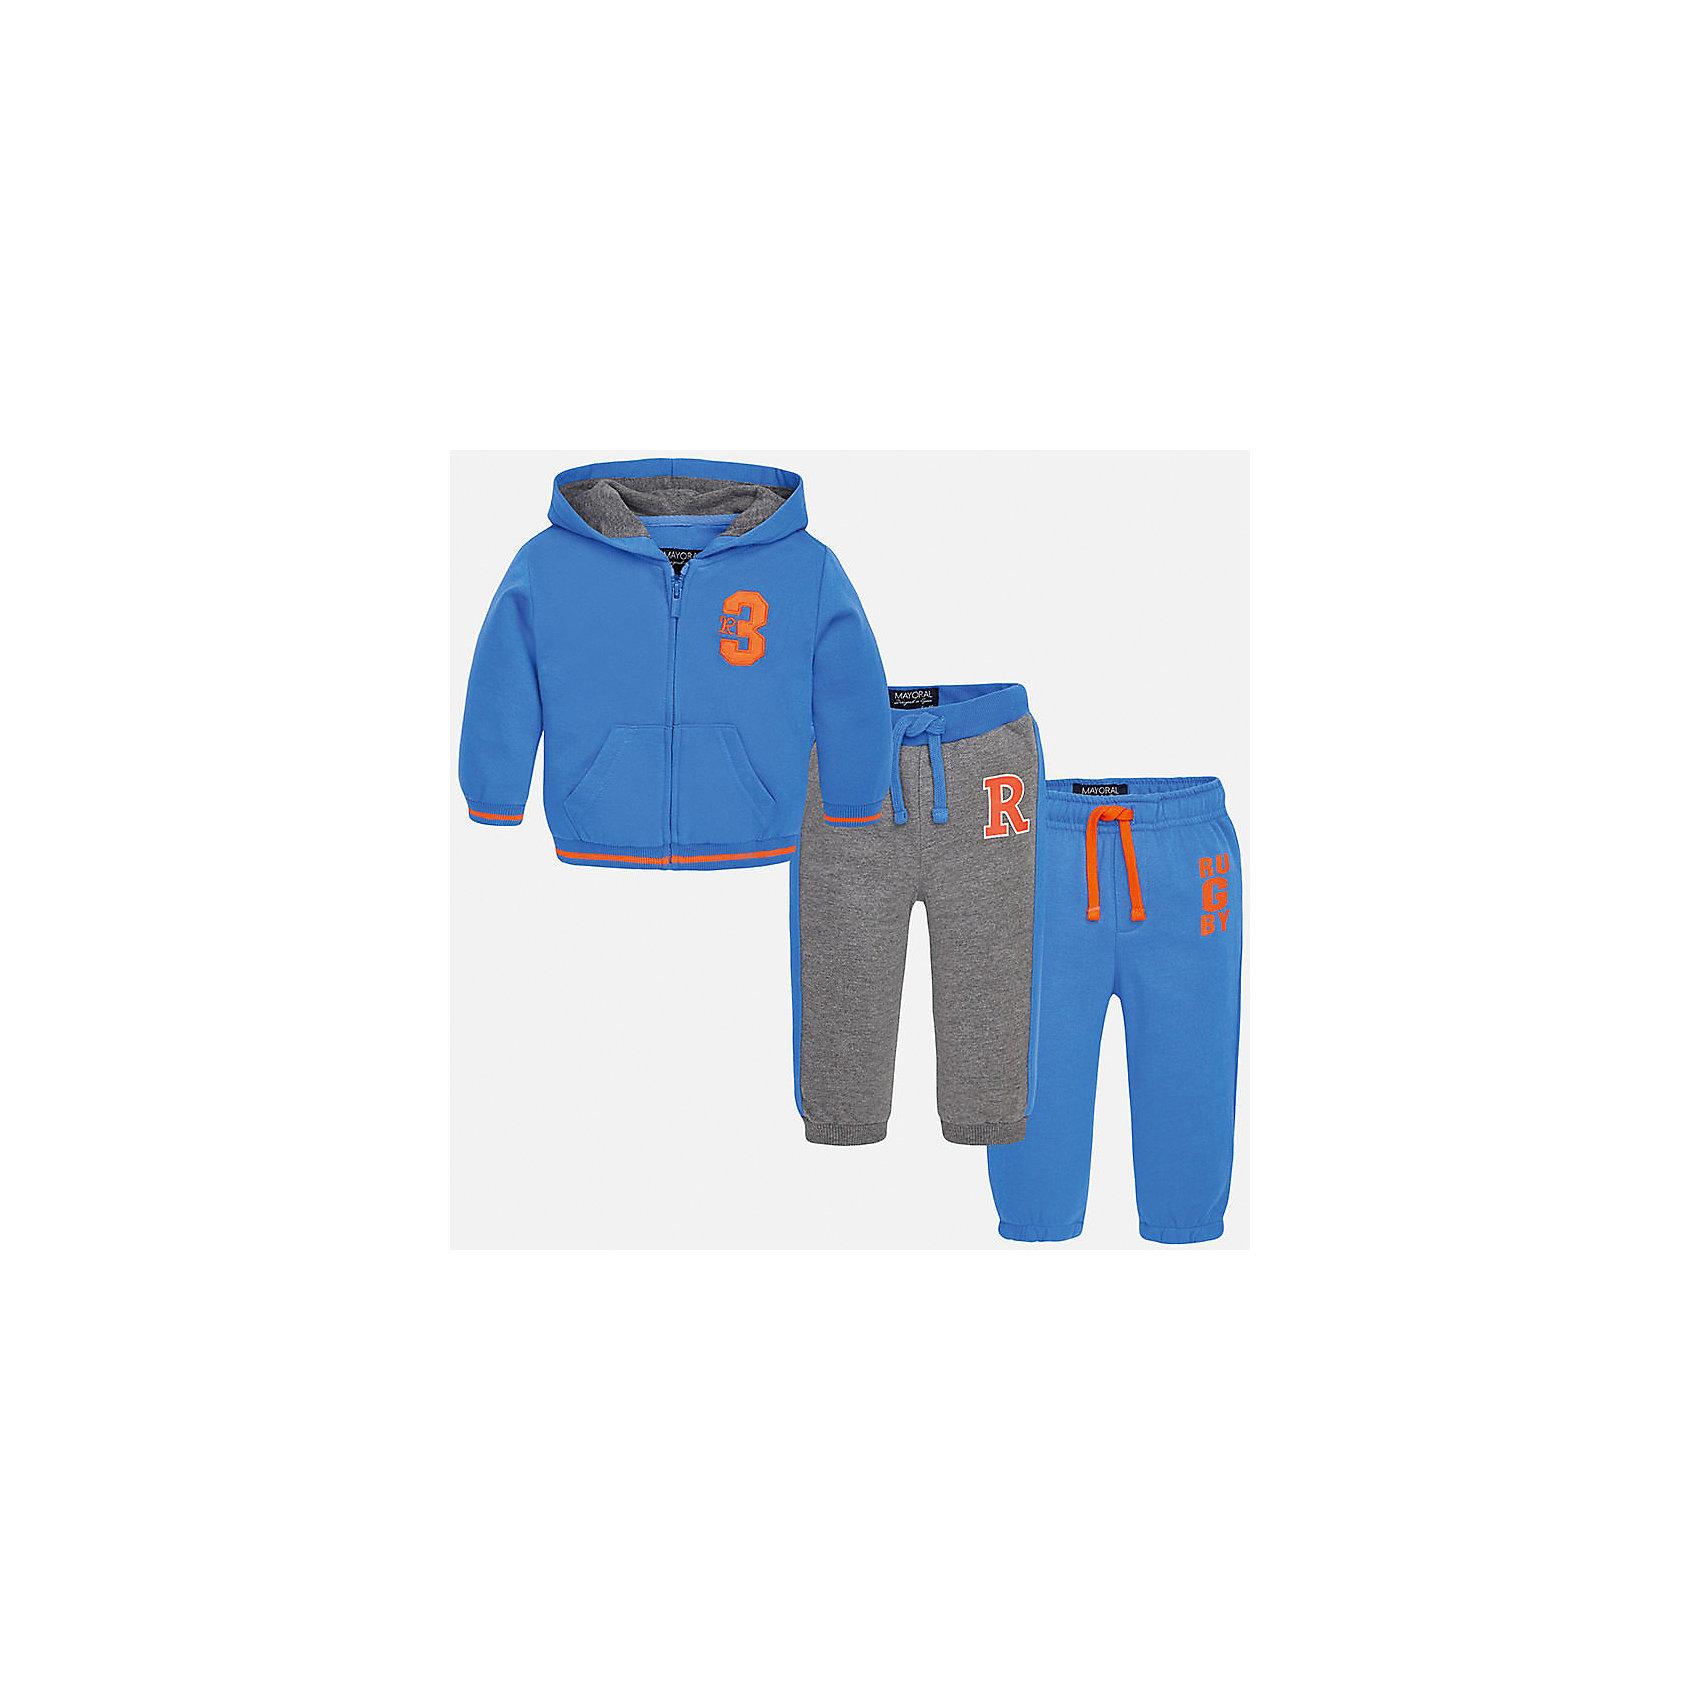 Спортивный костюм для мальчика MayoralСпортивный костюм для мальчика из коллекции осень-зима 2016-2017 известного испанского бренда Mayoral (Майорал). Стильный и удобный спортивный костюм сине-серого цвета, состоящий из толстовки и двух пар спортивных штанов придет по вкусу вашему чемниону. Толстовка имеет дизайнерскую нашивку оранжевого цвета на лицевой стороне и оранжевые полоски на манжетах и по нижнему краю мягких трикотажных резинок. Одни из штанов костюма совпадают по дизайну с толстовкой и имеют свободную резинку на штанинах. Вторые штаны набора – серые и имеют принт на лицевой стороне, штанины заканчиваются облегающей магкой трикотажной резинкой. Обе пары штанов имеют шнурки на поясе.<br><br>Дополнительная информация:<br>- Силуэт: прямой <br>- Капюшон: обычный<br><br>Состав: 40% полиэстер, 60% хлопок<br><br>Спортивный костюм для мальчика Mayoral (Майорал) можно купить в нашем интернет-магазине.<br><br>Подробнее:<br>• Для детей в возрасте: от 1 до 3 лет<br>• Номер товара: 4827247 <br>Страна производитель: Китай<br><br>Ширина мм: 247<br>Глубина мм: 16<br>Высота мм: 140<br>Вес г: 225<br>Цвет: синий<br>Возраст от месяцев: 6<br>Возраст до месяцев: 9<br>Пол: Мужской<br>Возраст: Детский<br>Размер: 74,92,86,80<br>SKU: 4827246